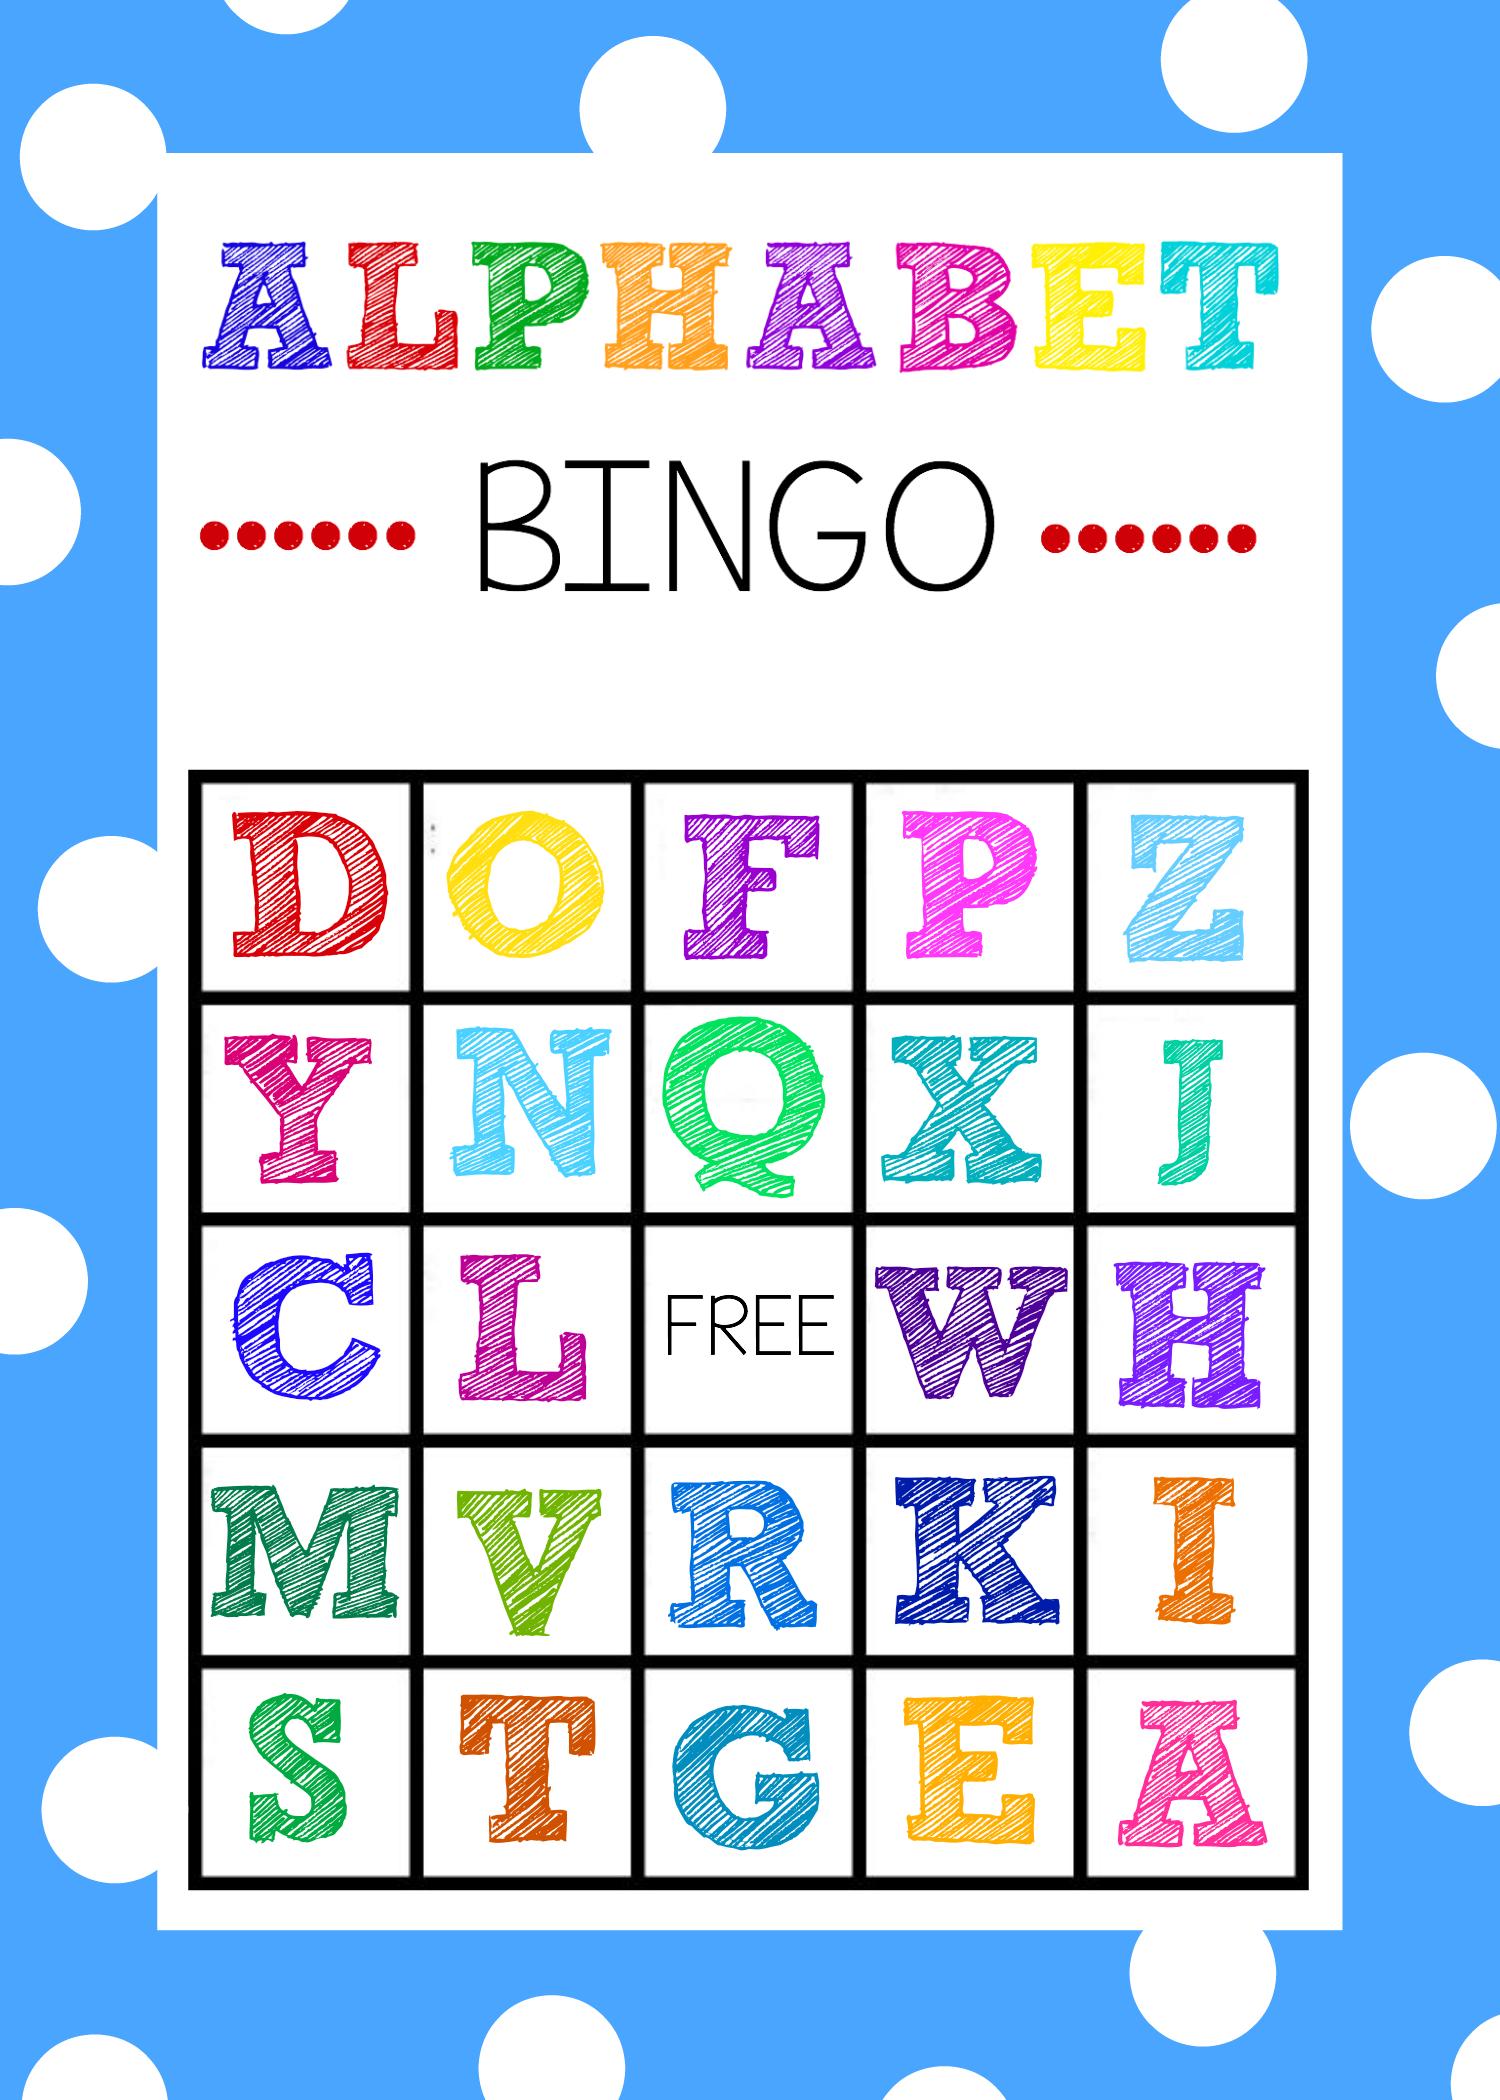 Free Printable Alphabet Bingo Game | Abc Games | Pinterest - Free Printable Alphabet Bingo Cards